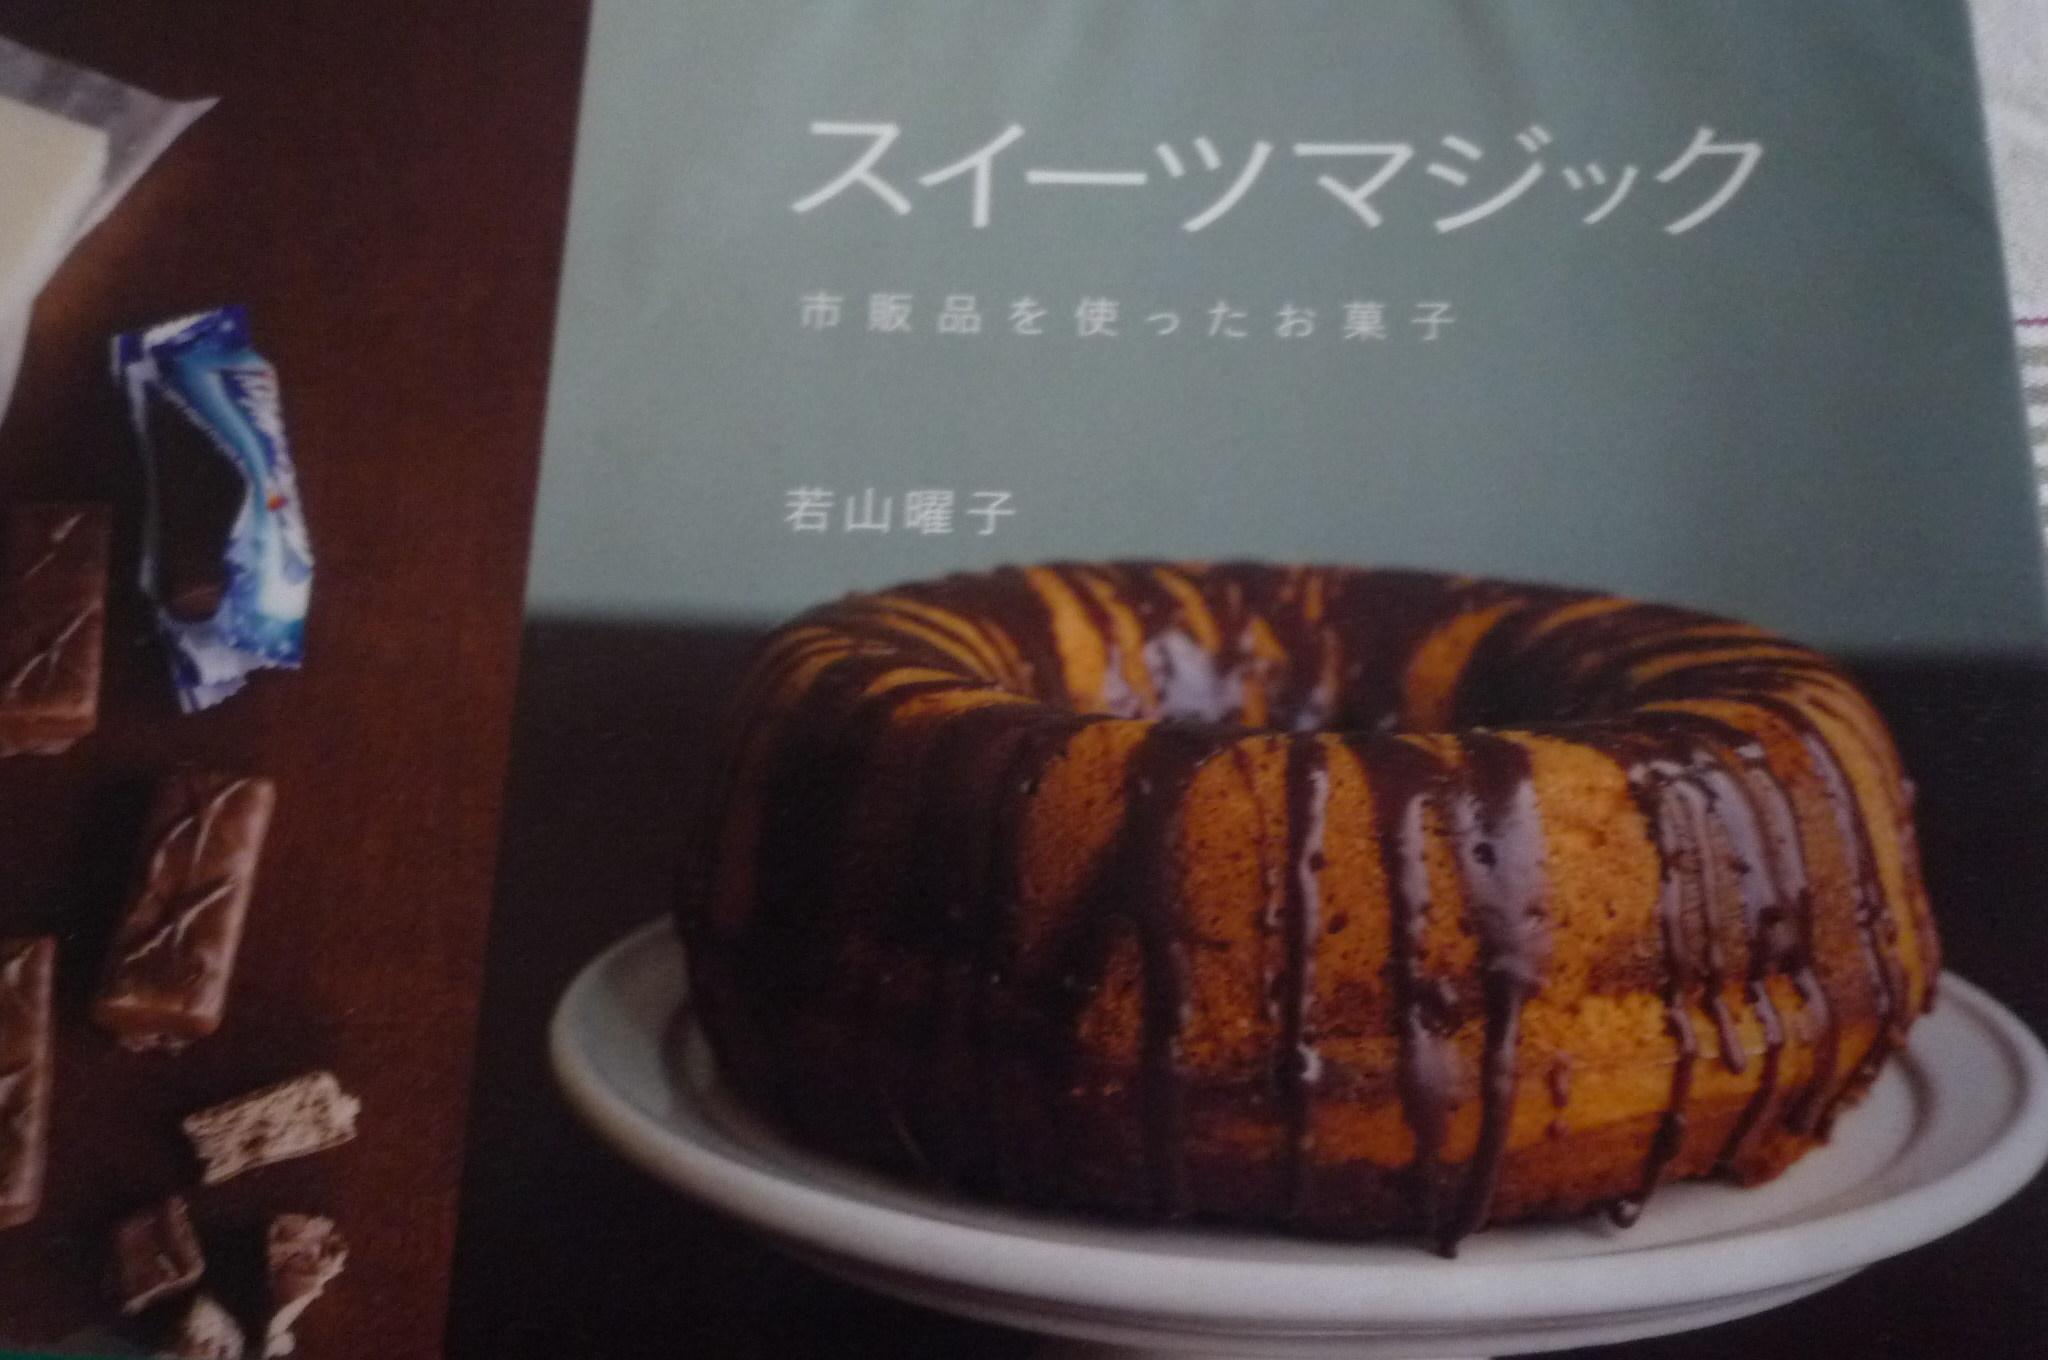 奄美大島の「こな黒糖」でカヤジャム作り_c0332287_15592440.jpg